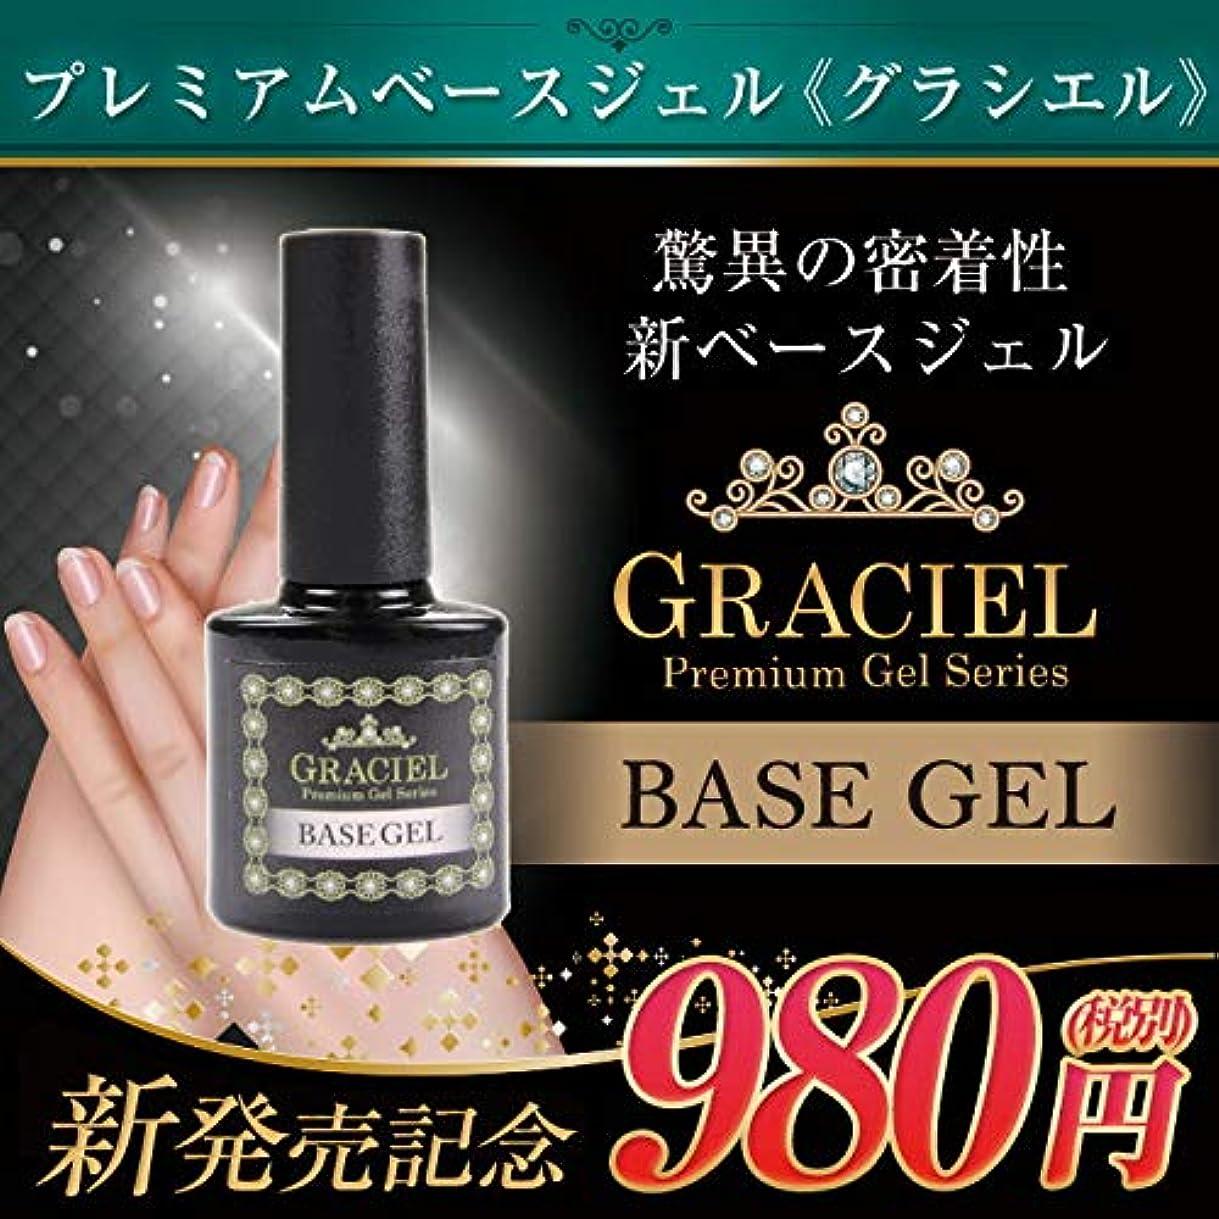 提案する外部ぬるいGRACIEL ベースジェル 8ml ジェルネイル ベースコート